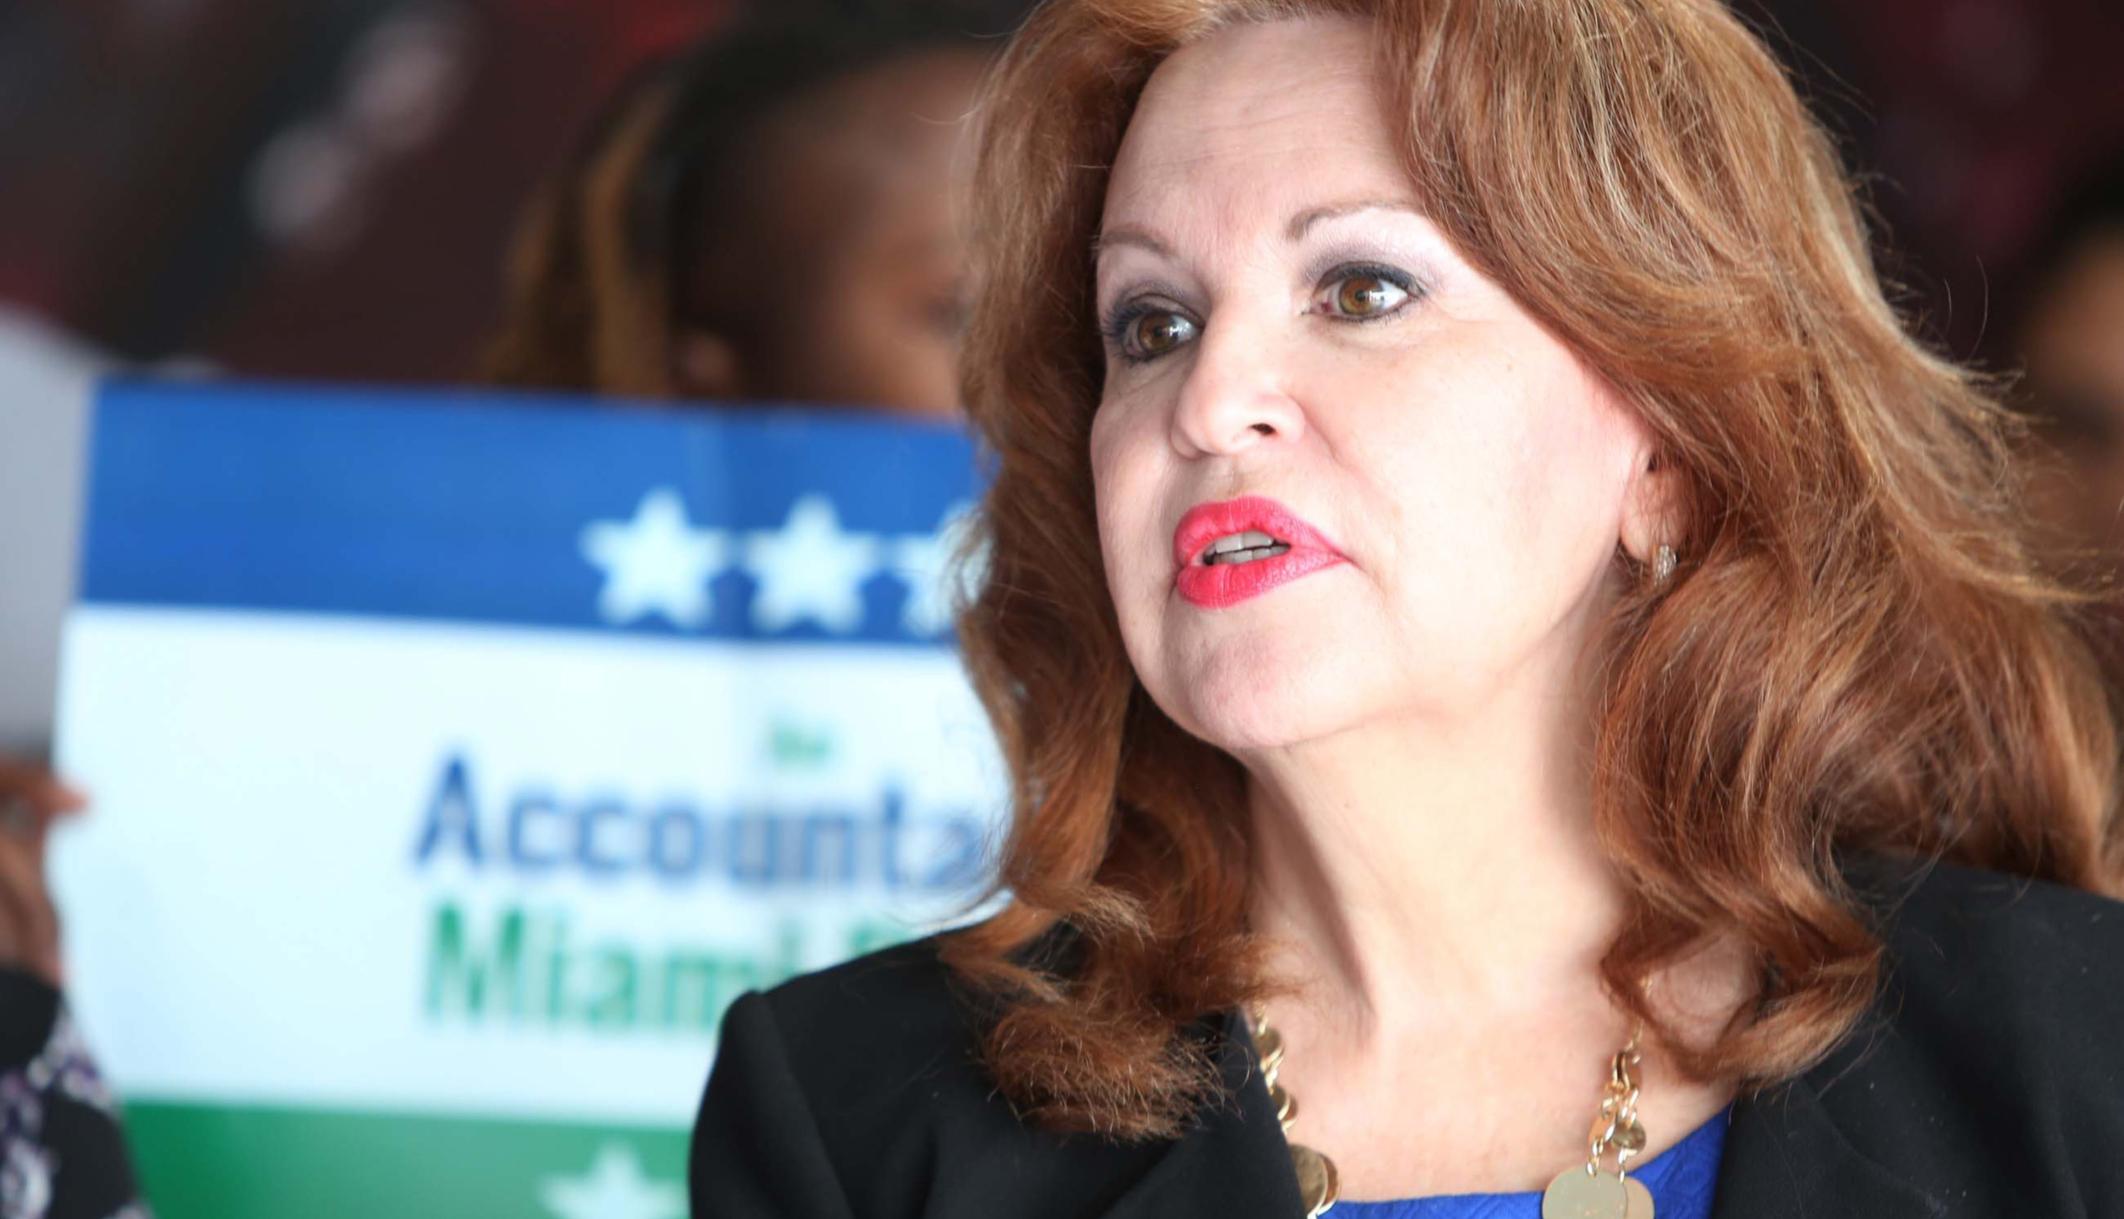 Υποψήφιος του Κογκρέσου της Φλόριντα λέει ότι οι αλλοδαποί την απήγαγαν ως παιδί - και τώρα μπορεί να τους μιλήσει με το μυαλό της